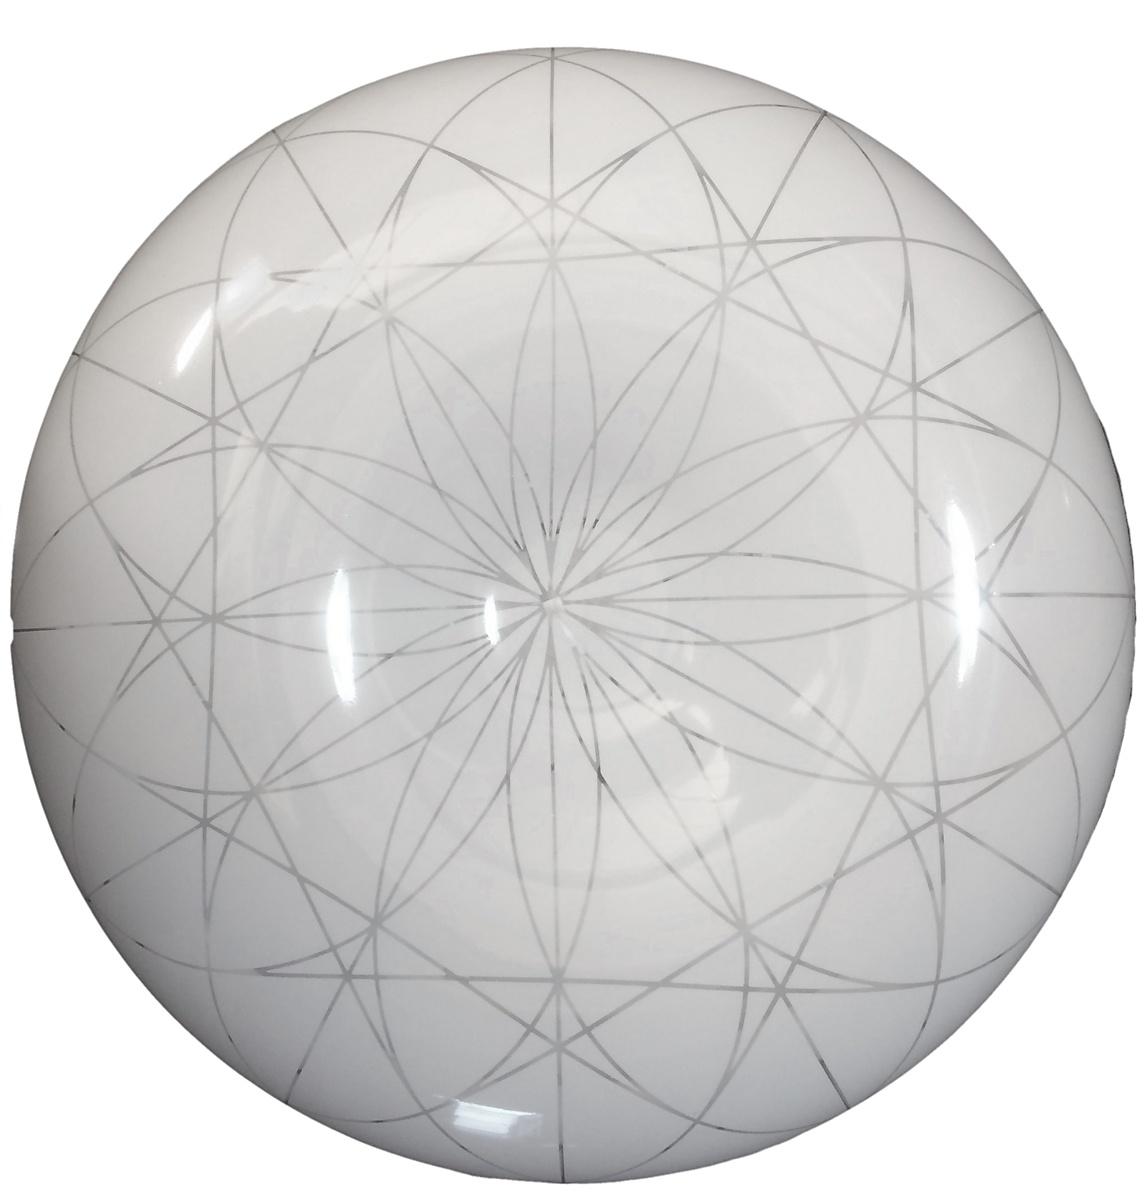 Потолочный светильник ULTRALIGHT 6019d395, светло-серый потолочный светильник лампландия edmon светло серый